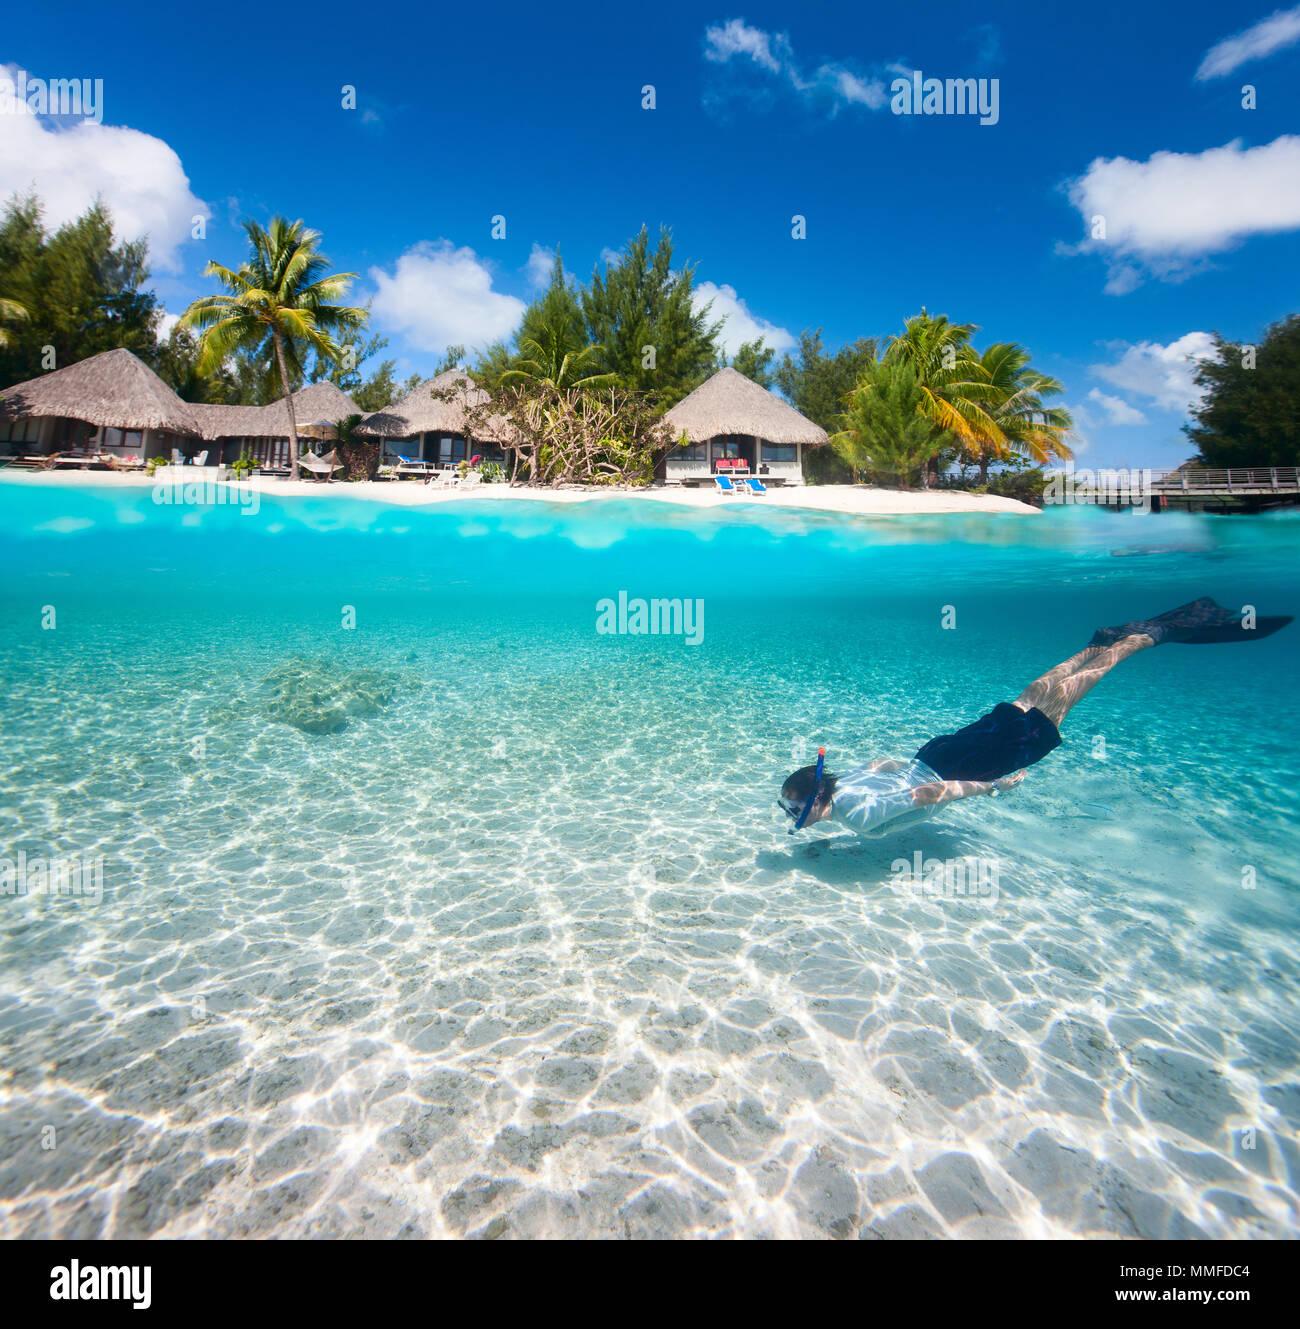 L'homme nage dans une lagune tropicale en face de l'île exotique Photo Stock